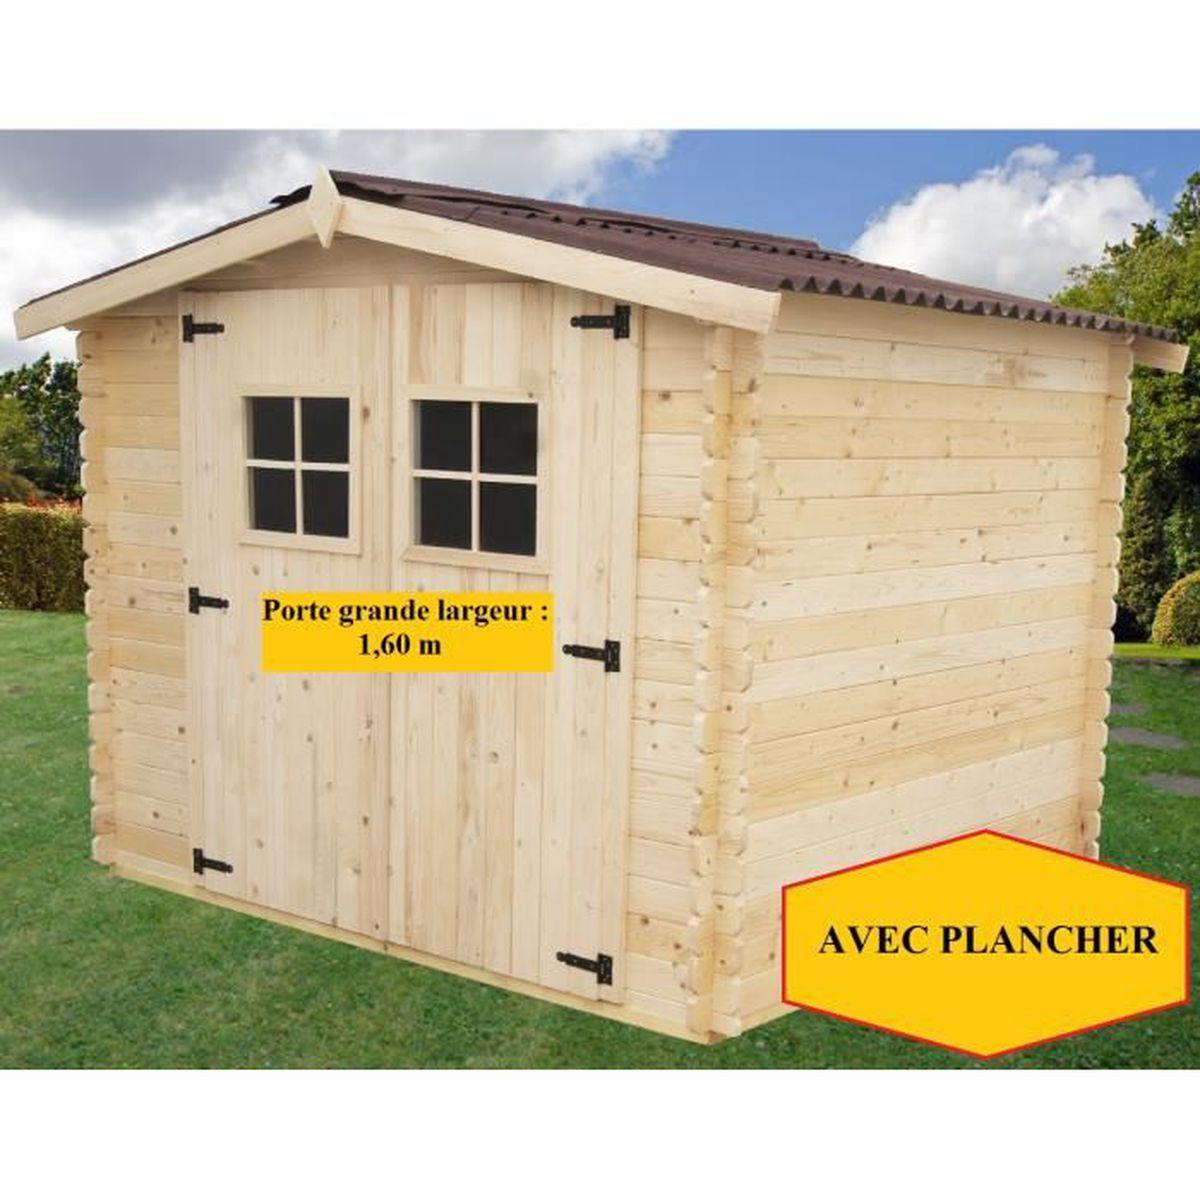 abri de jardin avec plancher 3x3 m p 28mm achat vente abri jardin chalet abri de jardin. Black Bedroom Furniture Sets. Home Design Ideas